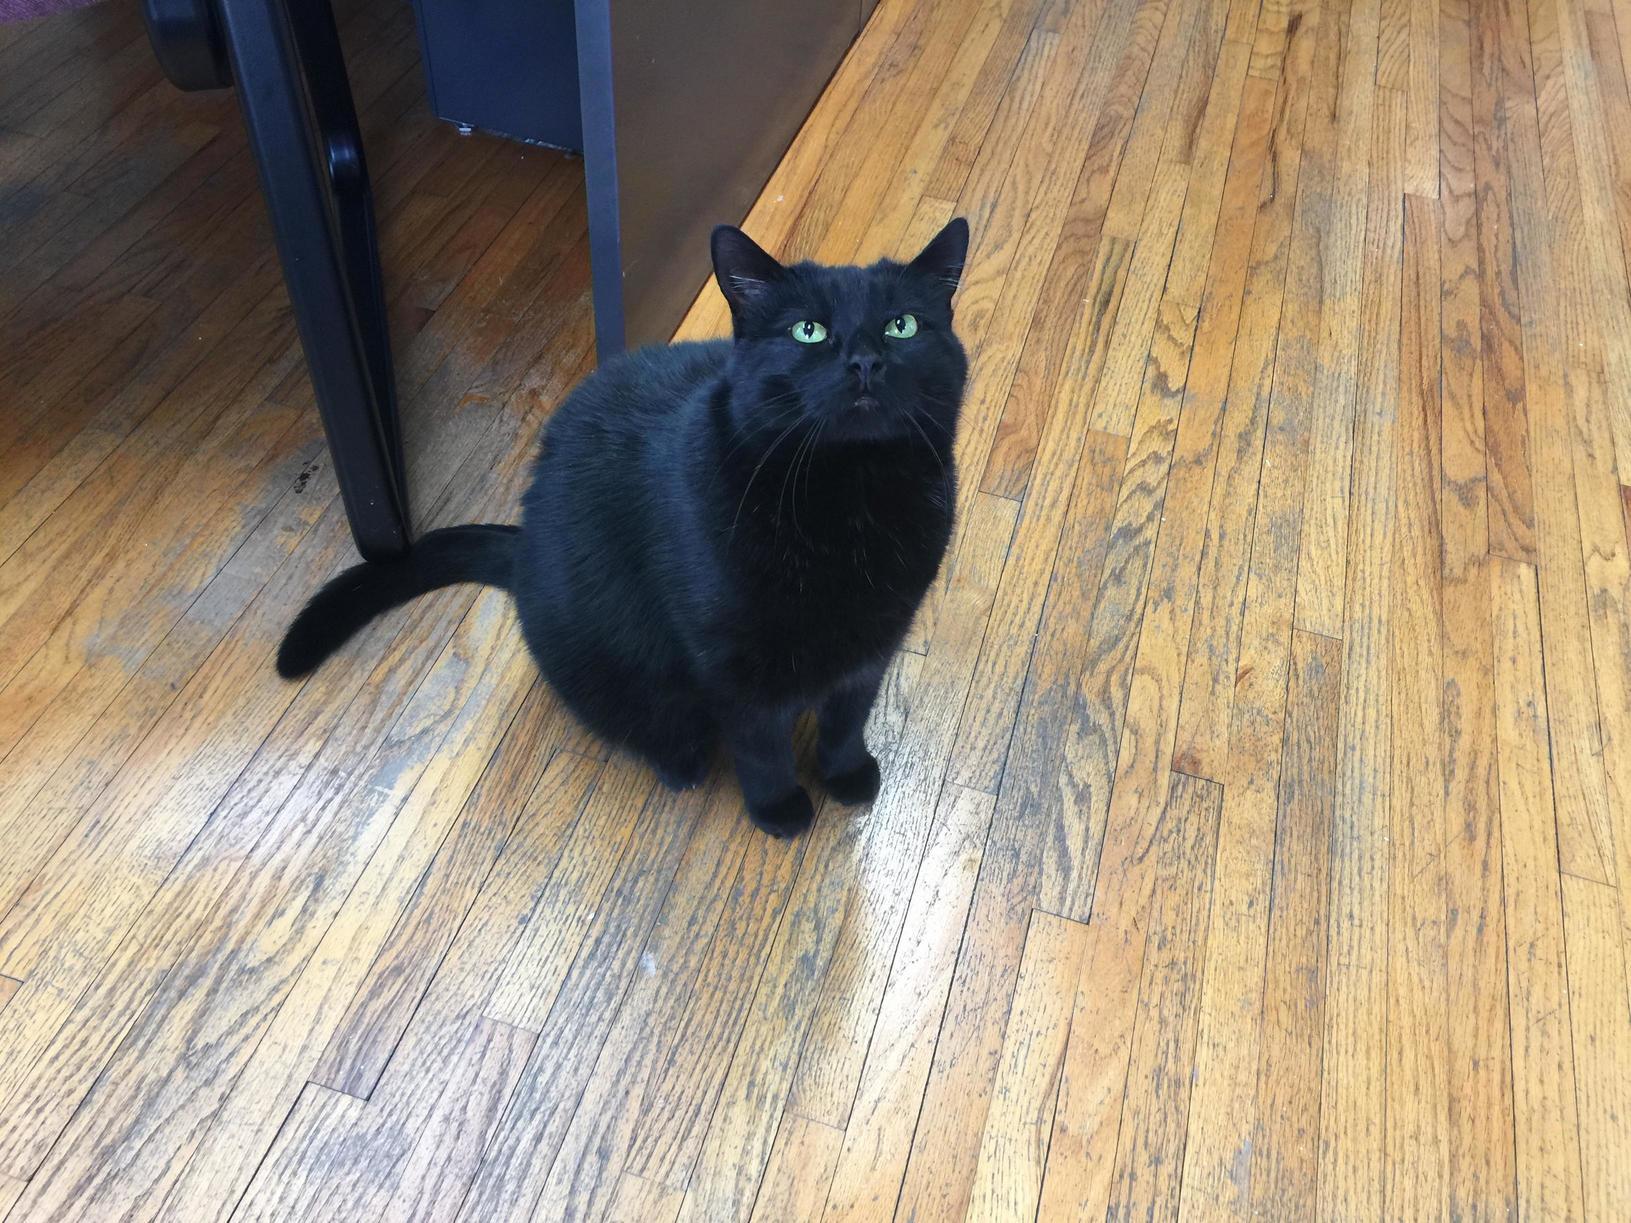 Met this handsome gentleman at an insurance office last week